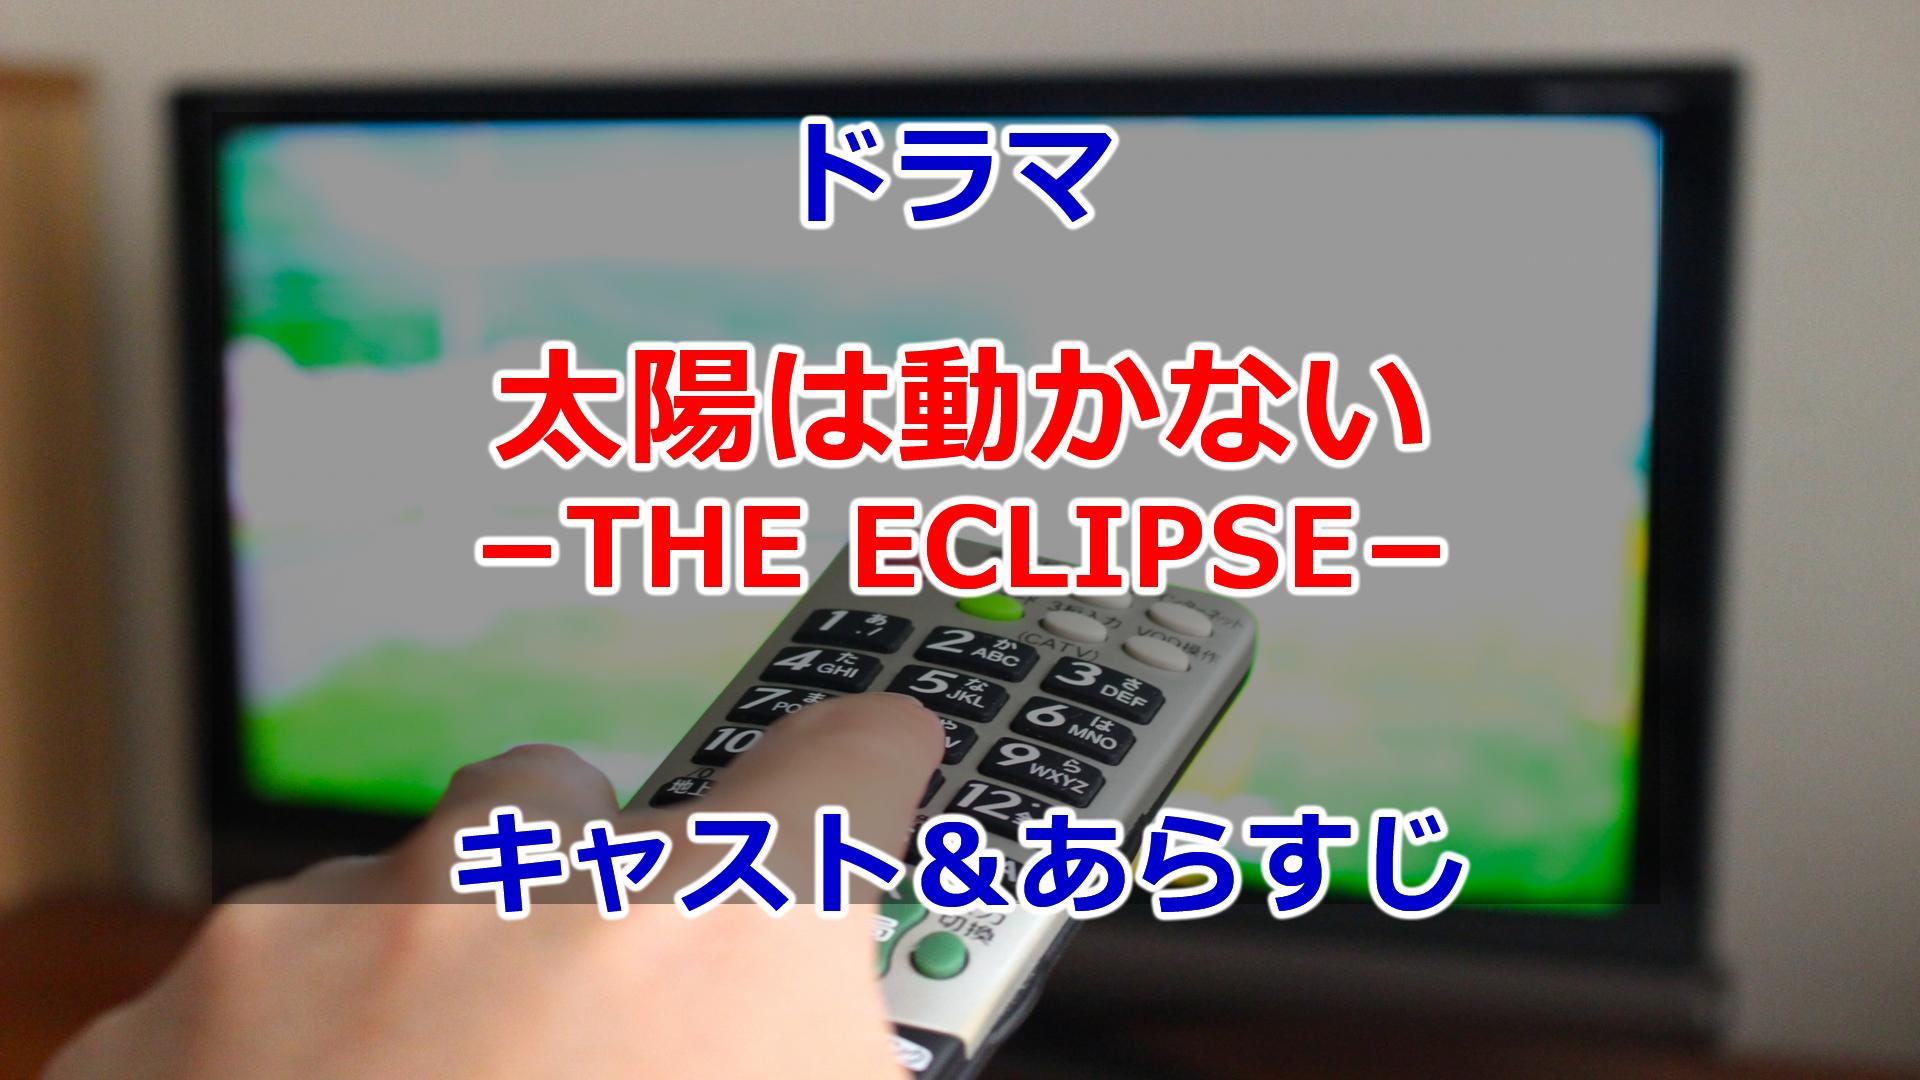 2020春ドラマ太陽は動かない-THE ECLIPSE-キャスト&あらすじ